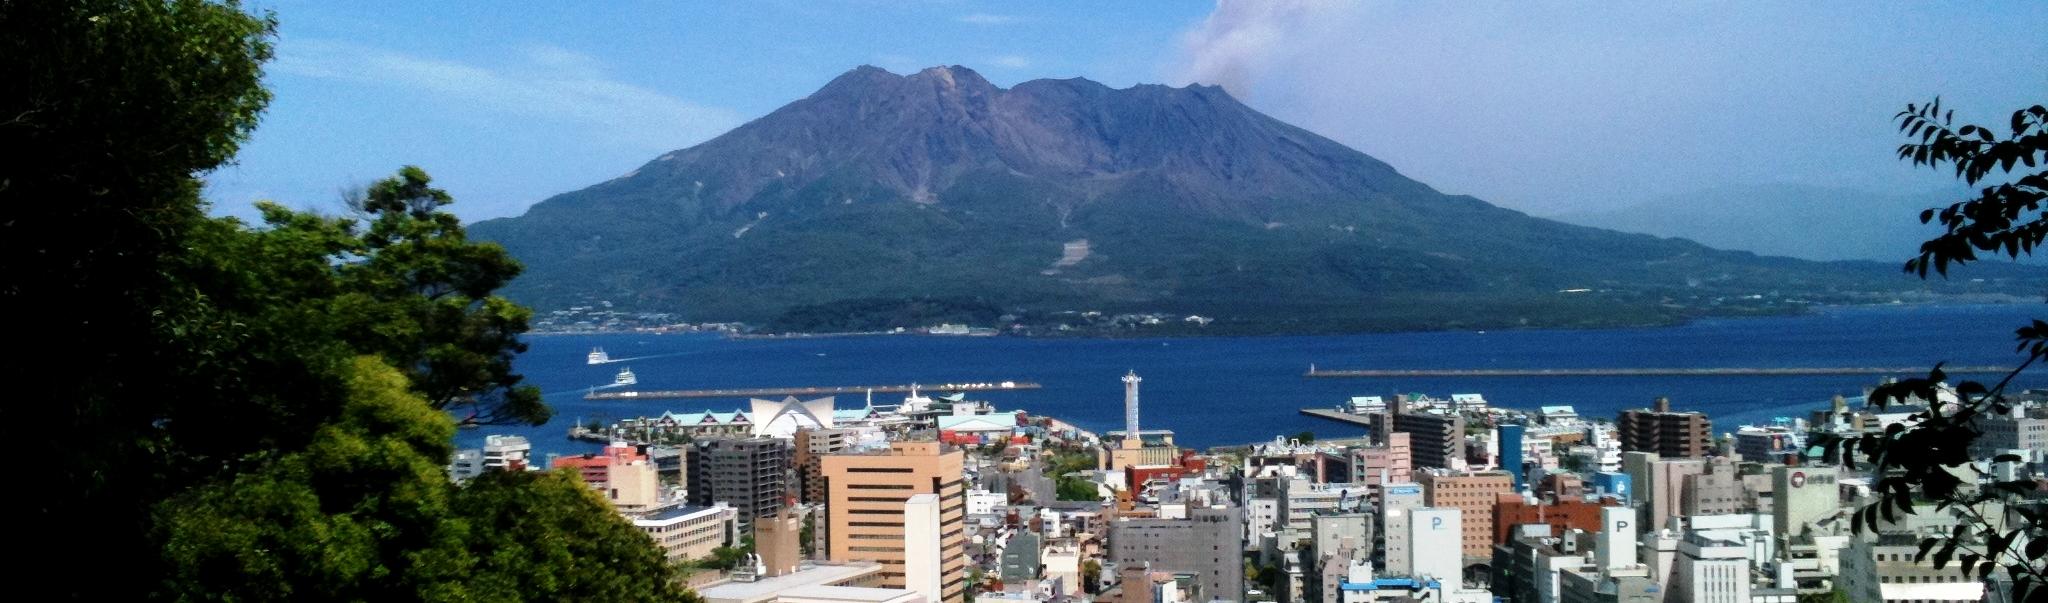 Sakurajima 2_Edited.JPG